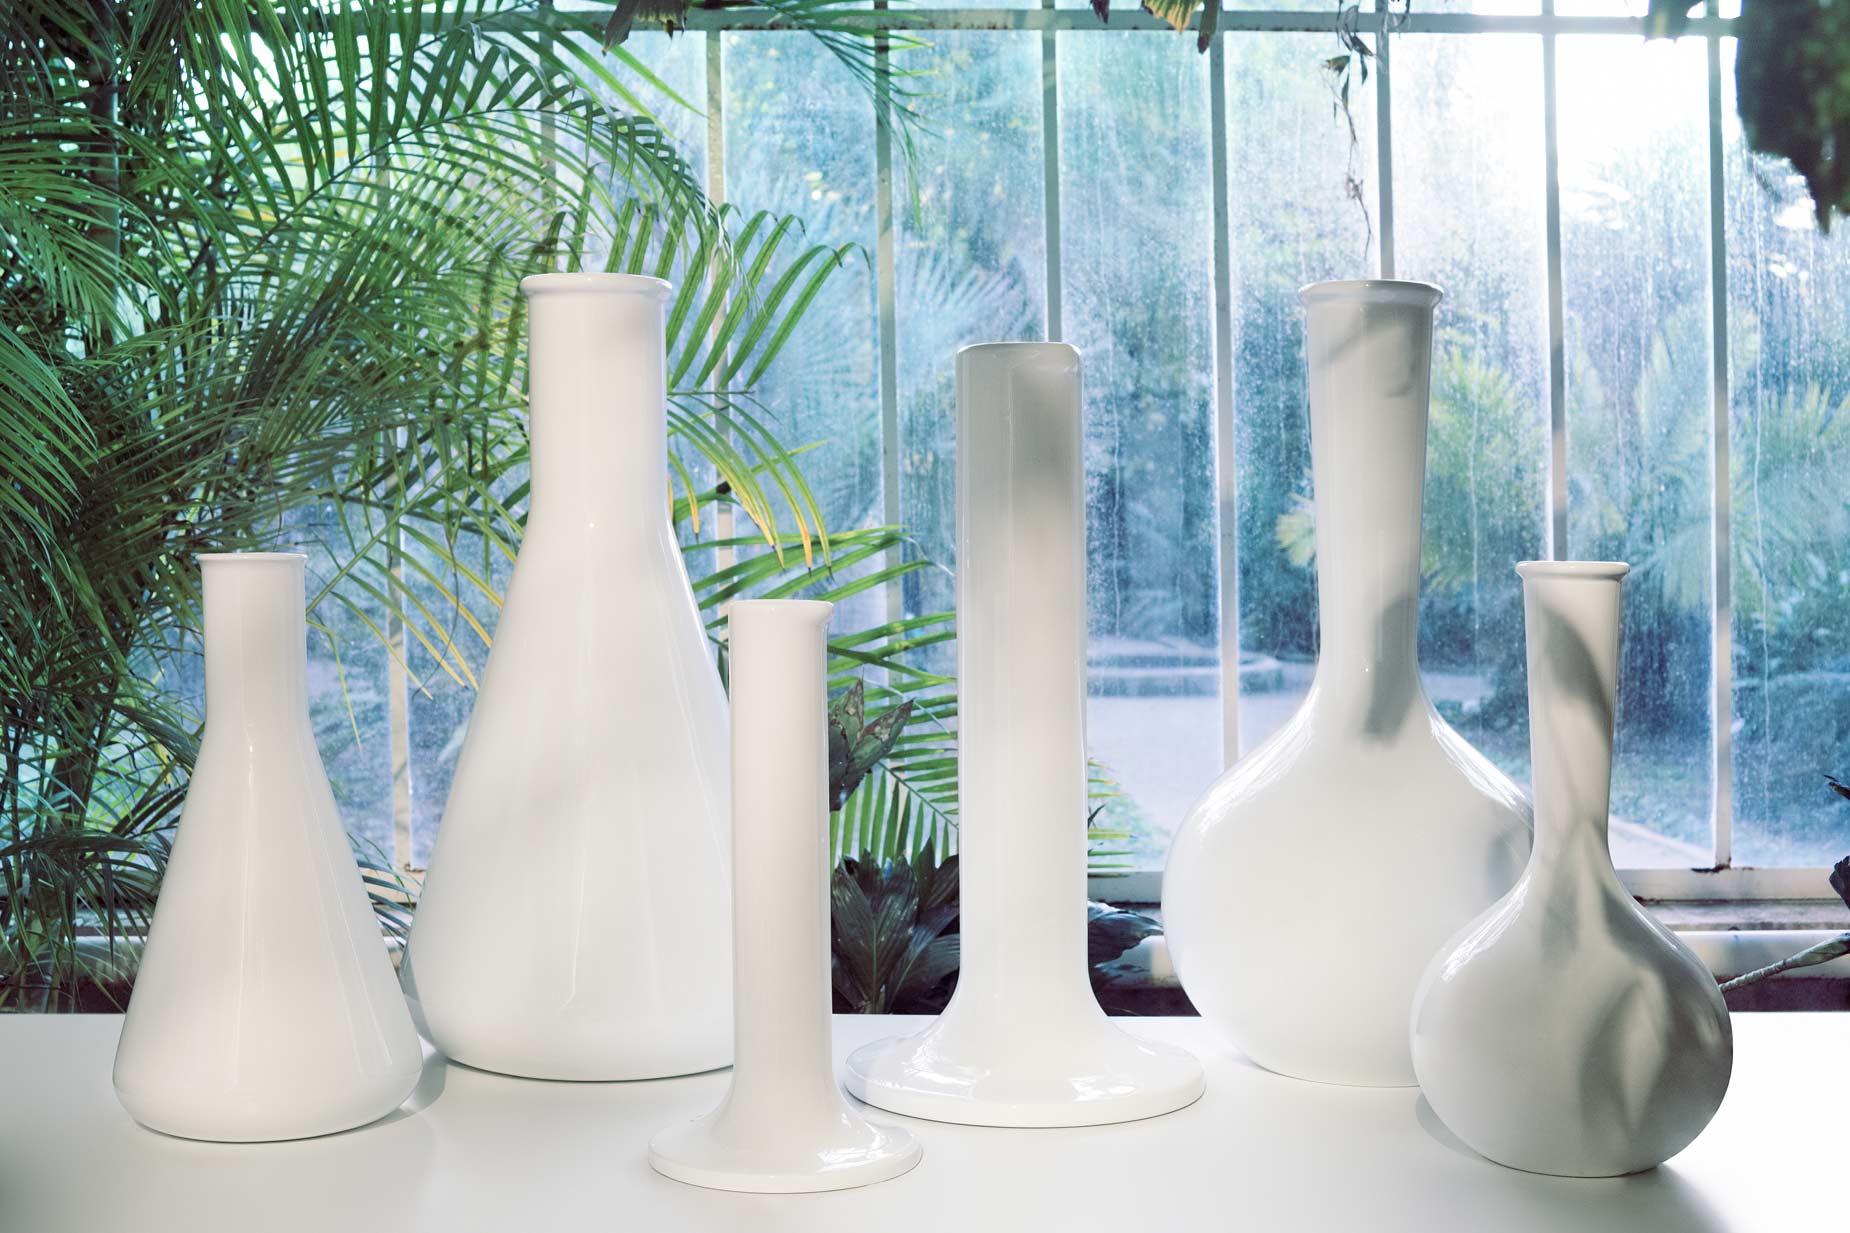 CHEMISTUBE Vases